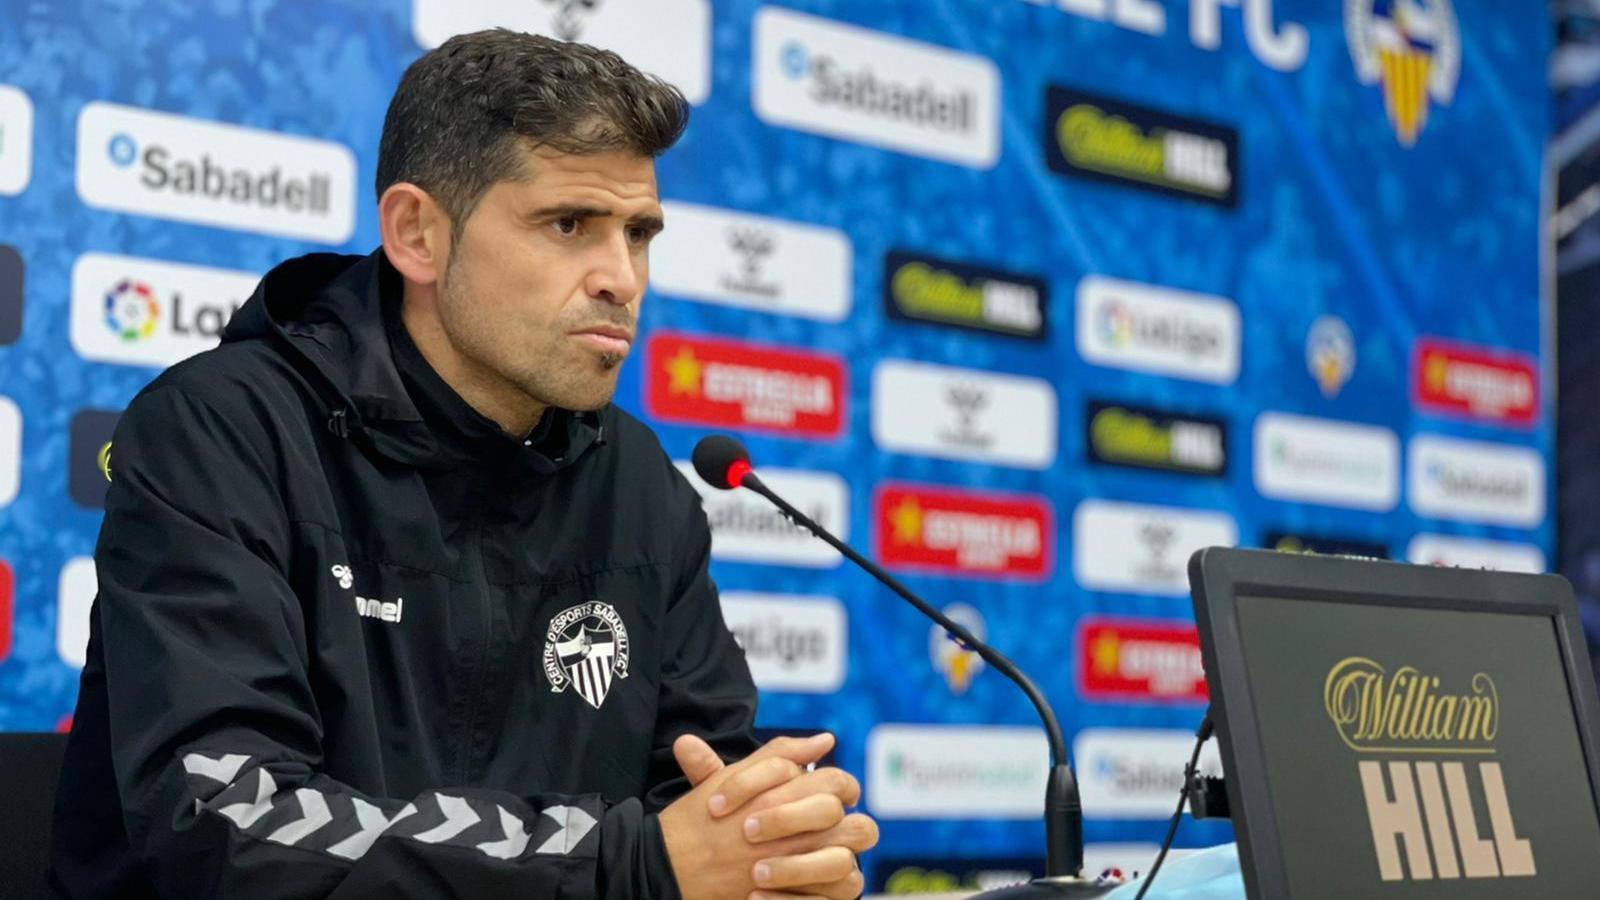 Antonio Hidalgo, l'entrenador del CE Sabadell